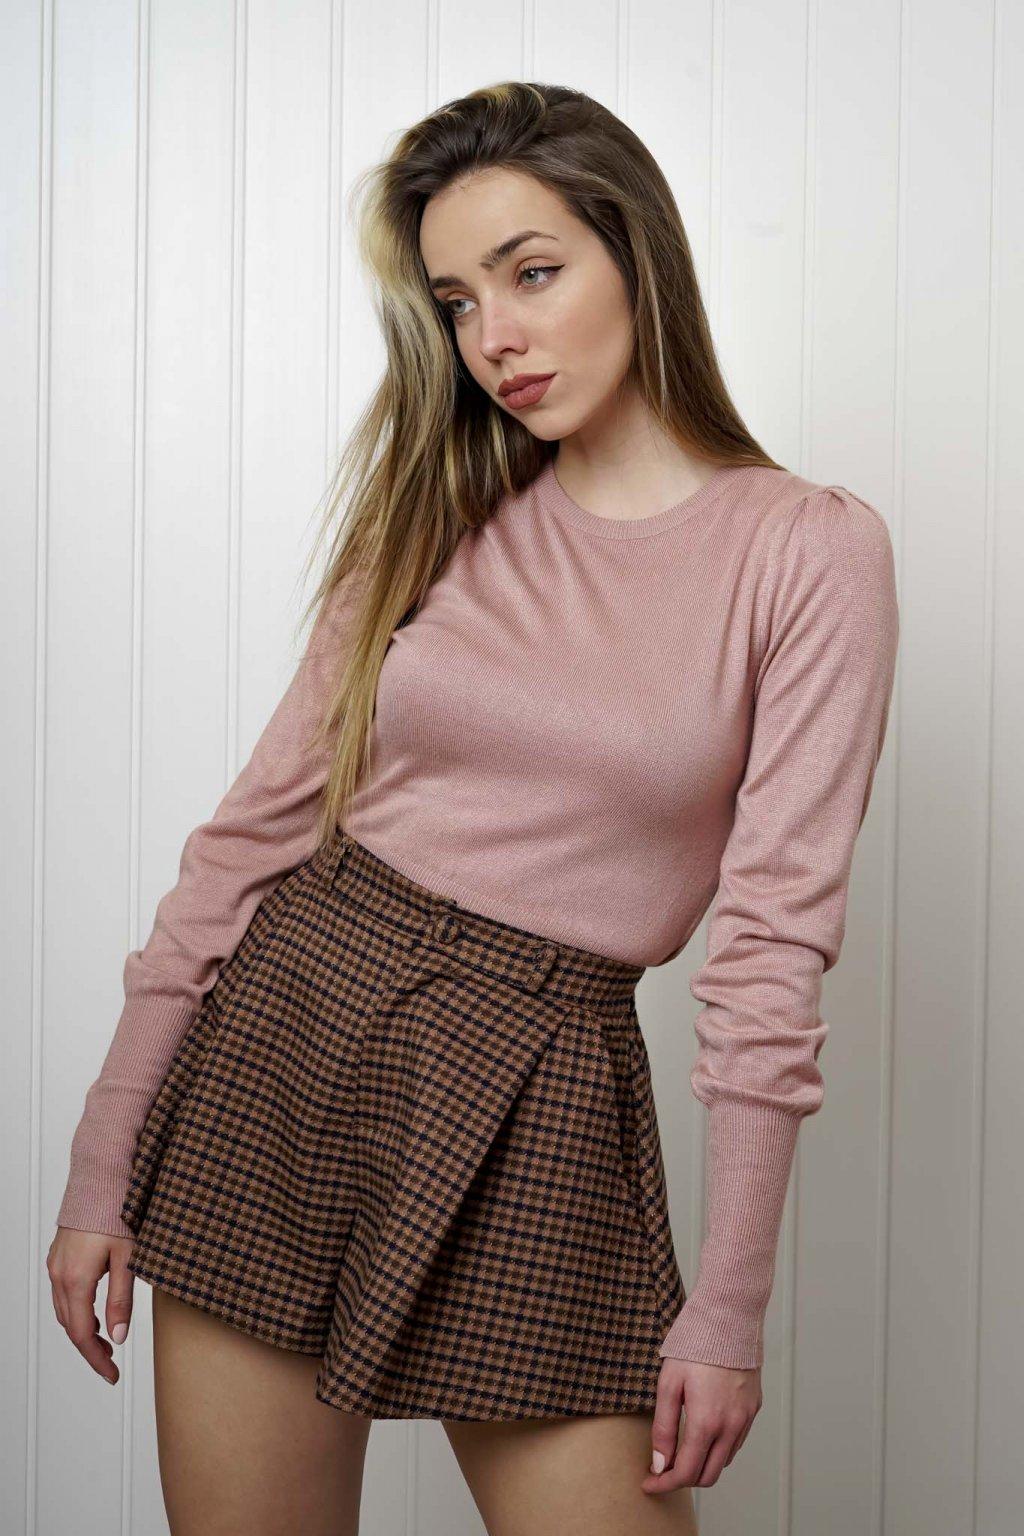 sveter, svetrík, sveter dámsky, úplet, úpletový sveter, jednoduchý sveter, v výstríh, štýlový, chlpatý,vzorovaný, srdiečkový, čierny, biely, farebný, 056